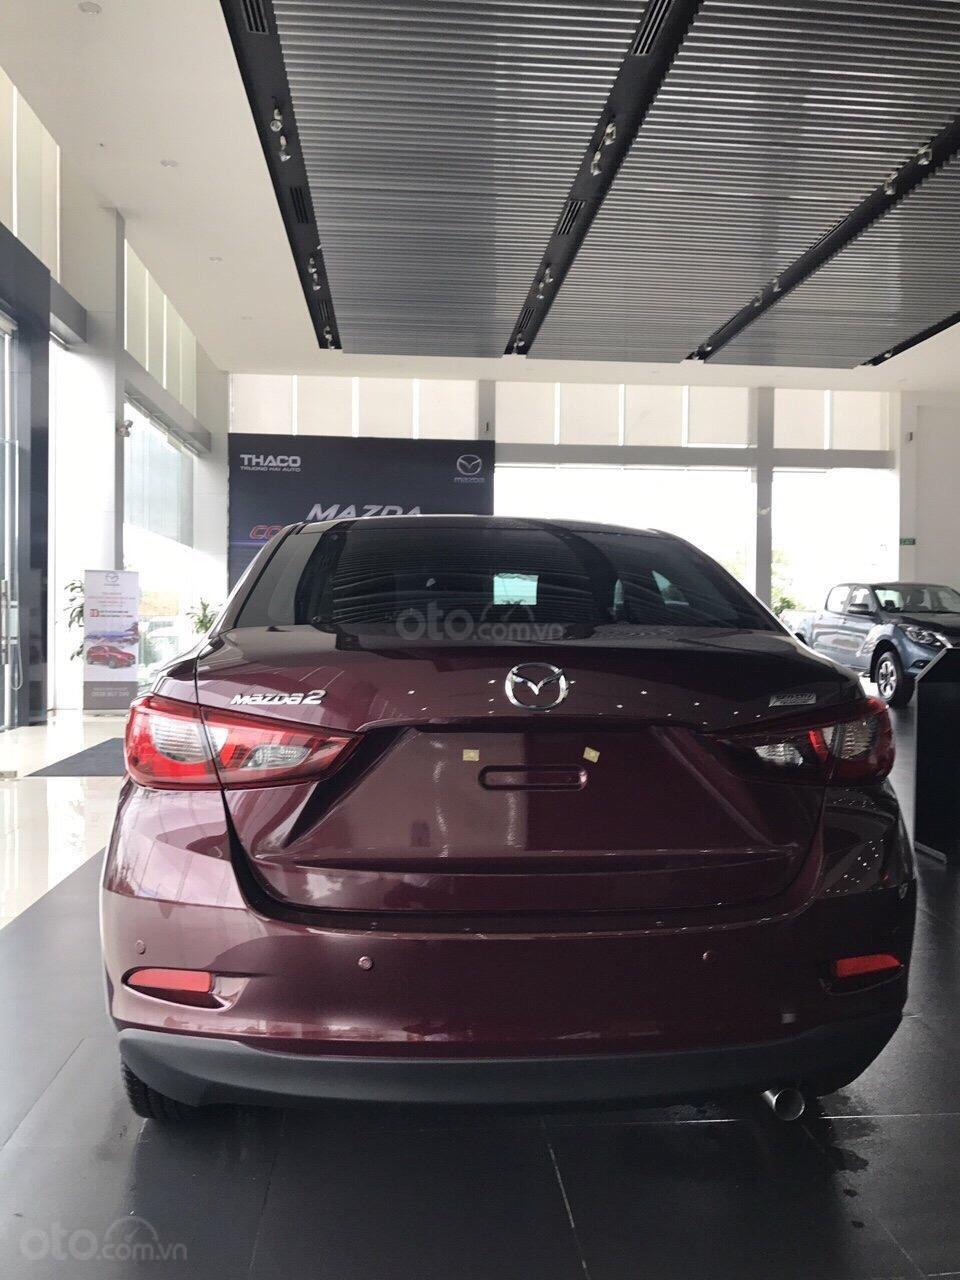 Mazda Hà Đông bán xe Mazda 2 đủ màu, đủ phiên bản giao ngay - LH: 0944601785 để nhận thêm ưu đãi-1